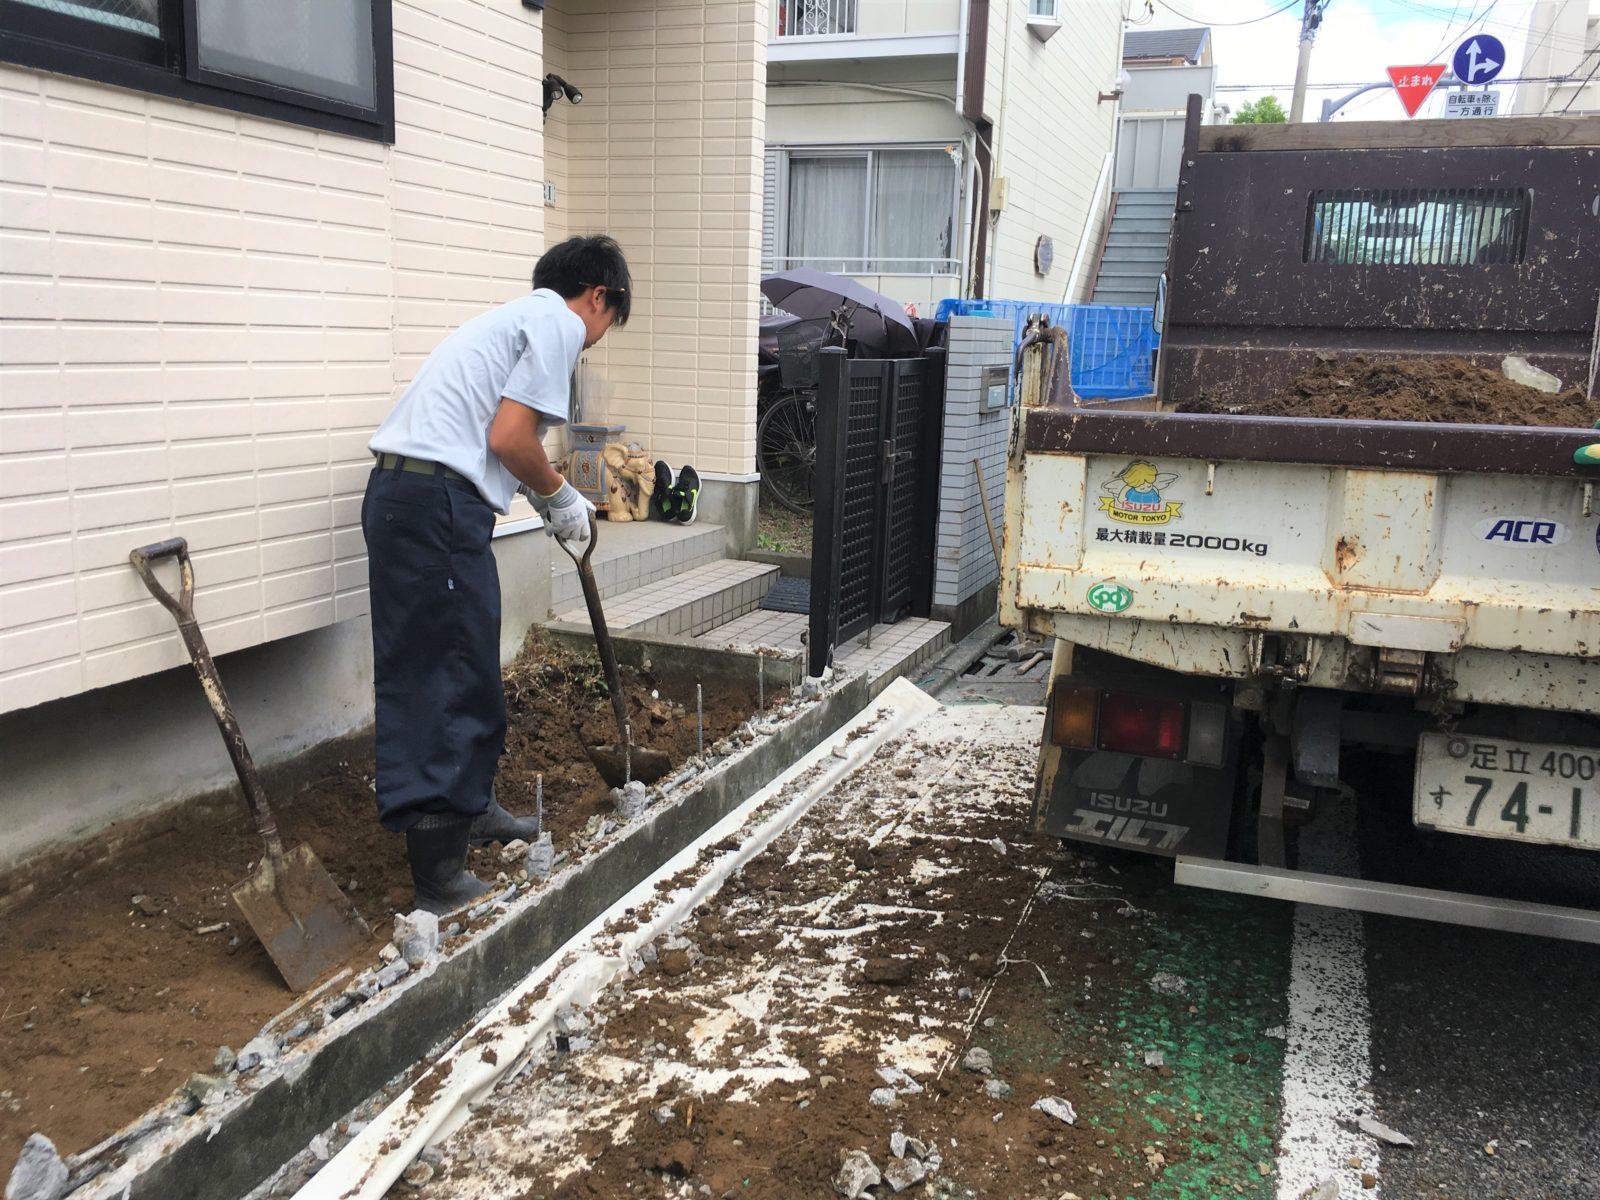 コンクリートが入るように土を掘っている様子